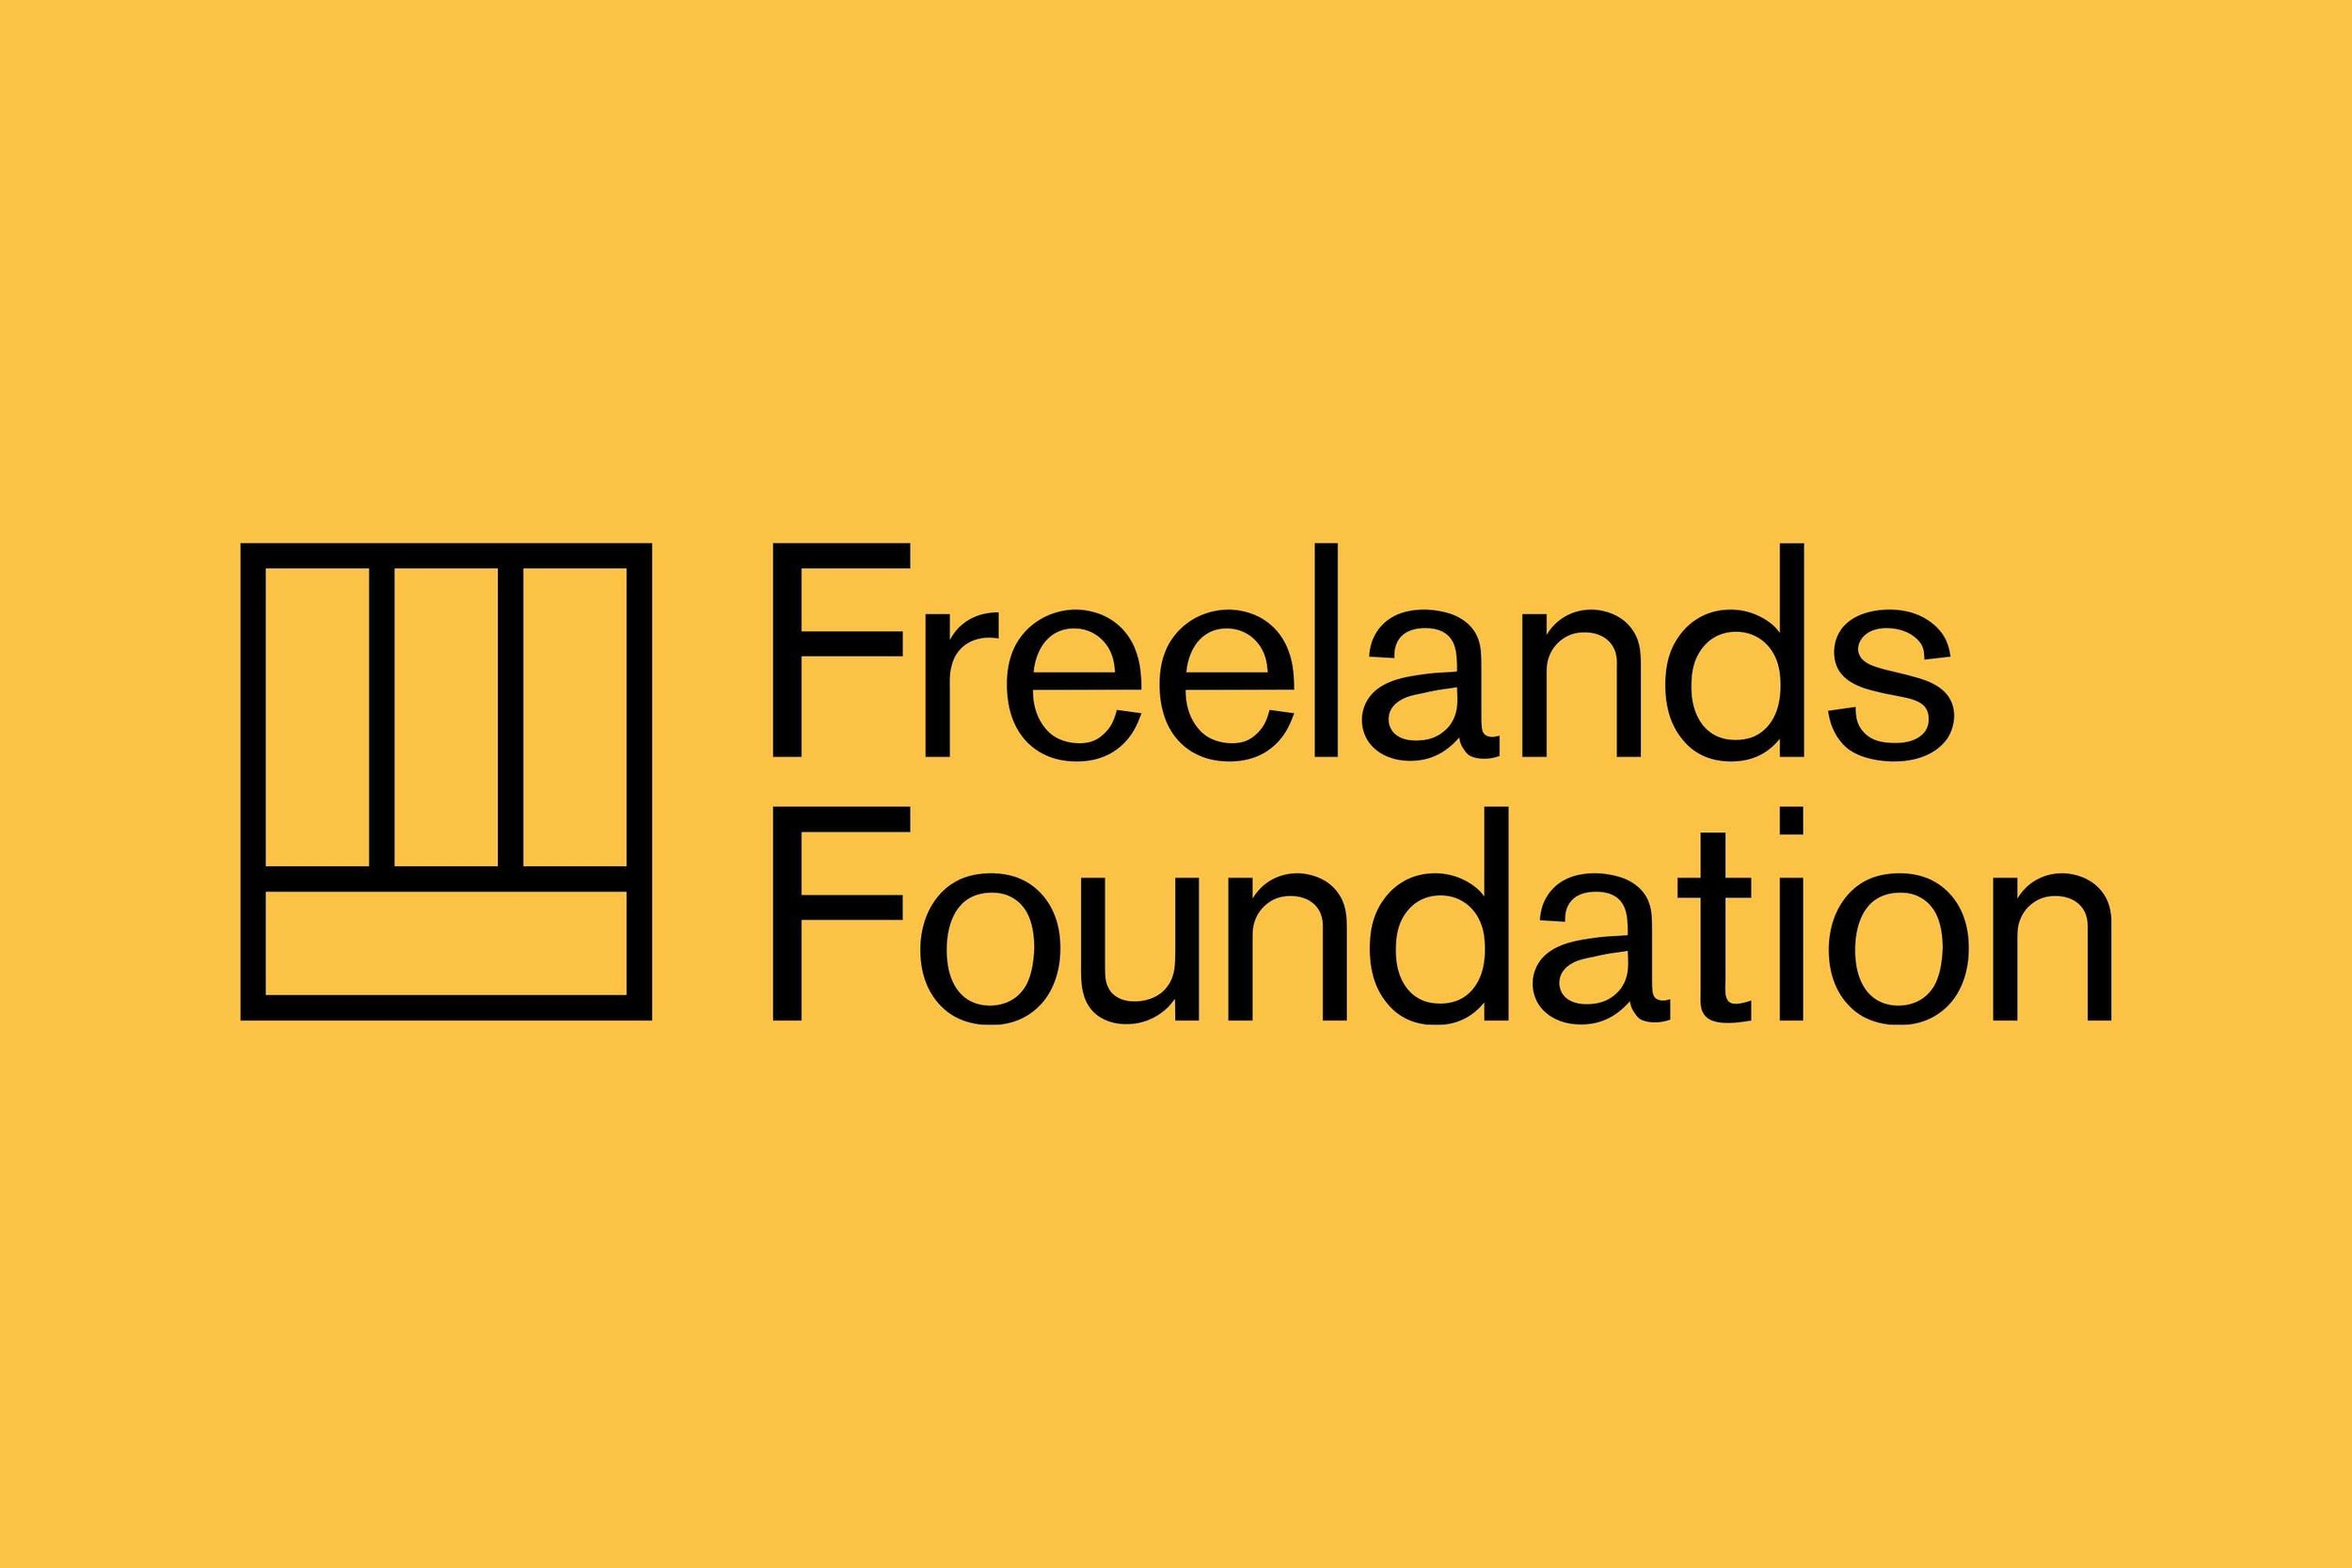 freelands-foundation-logo.jpeg